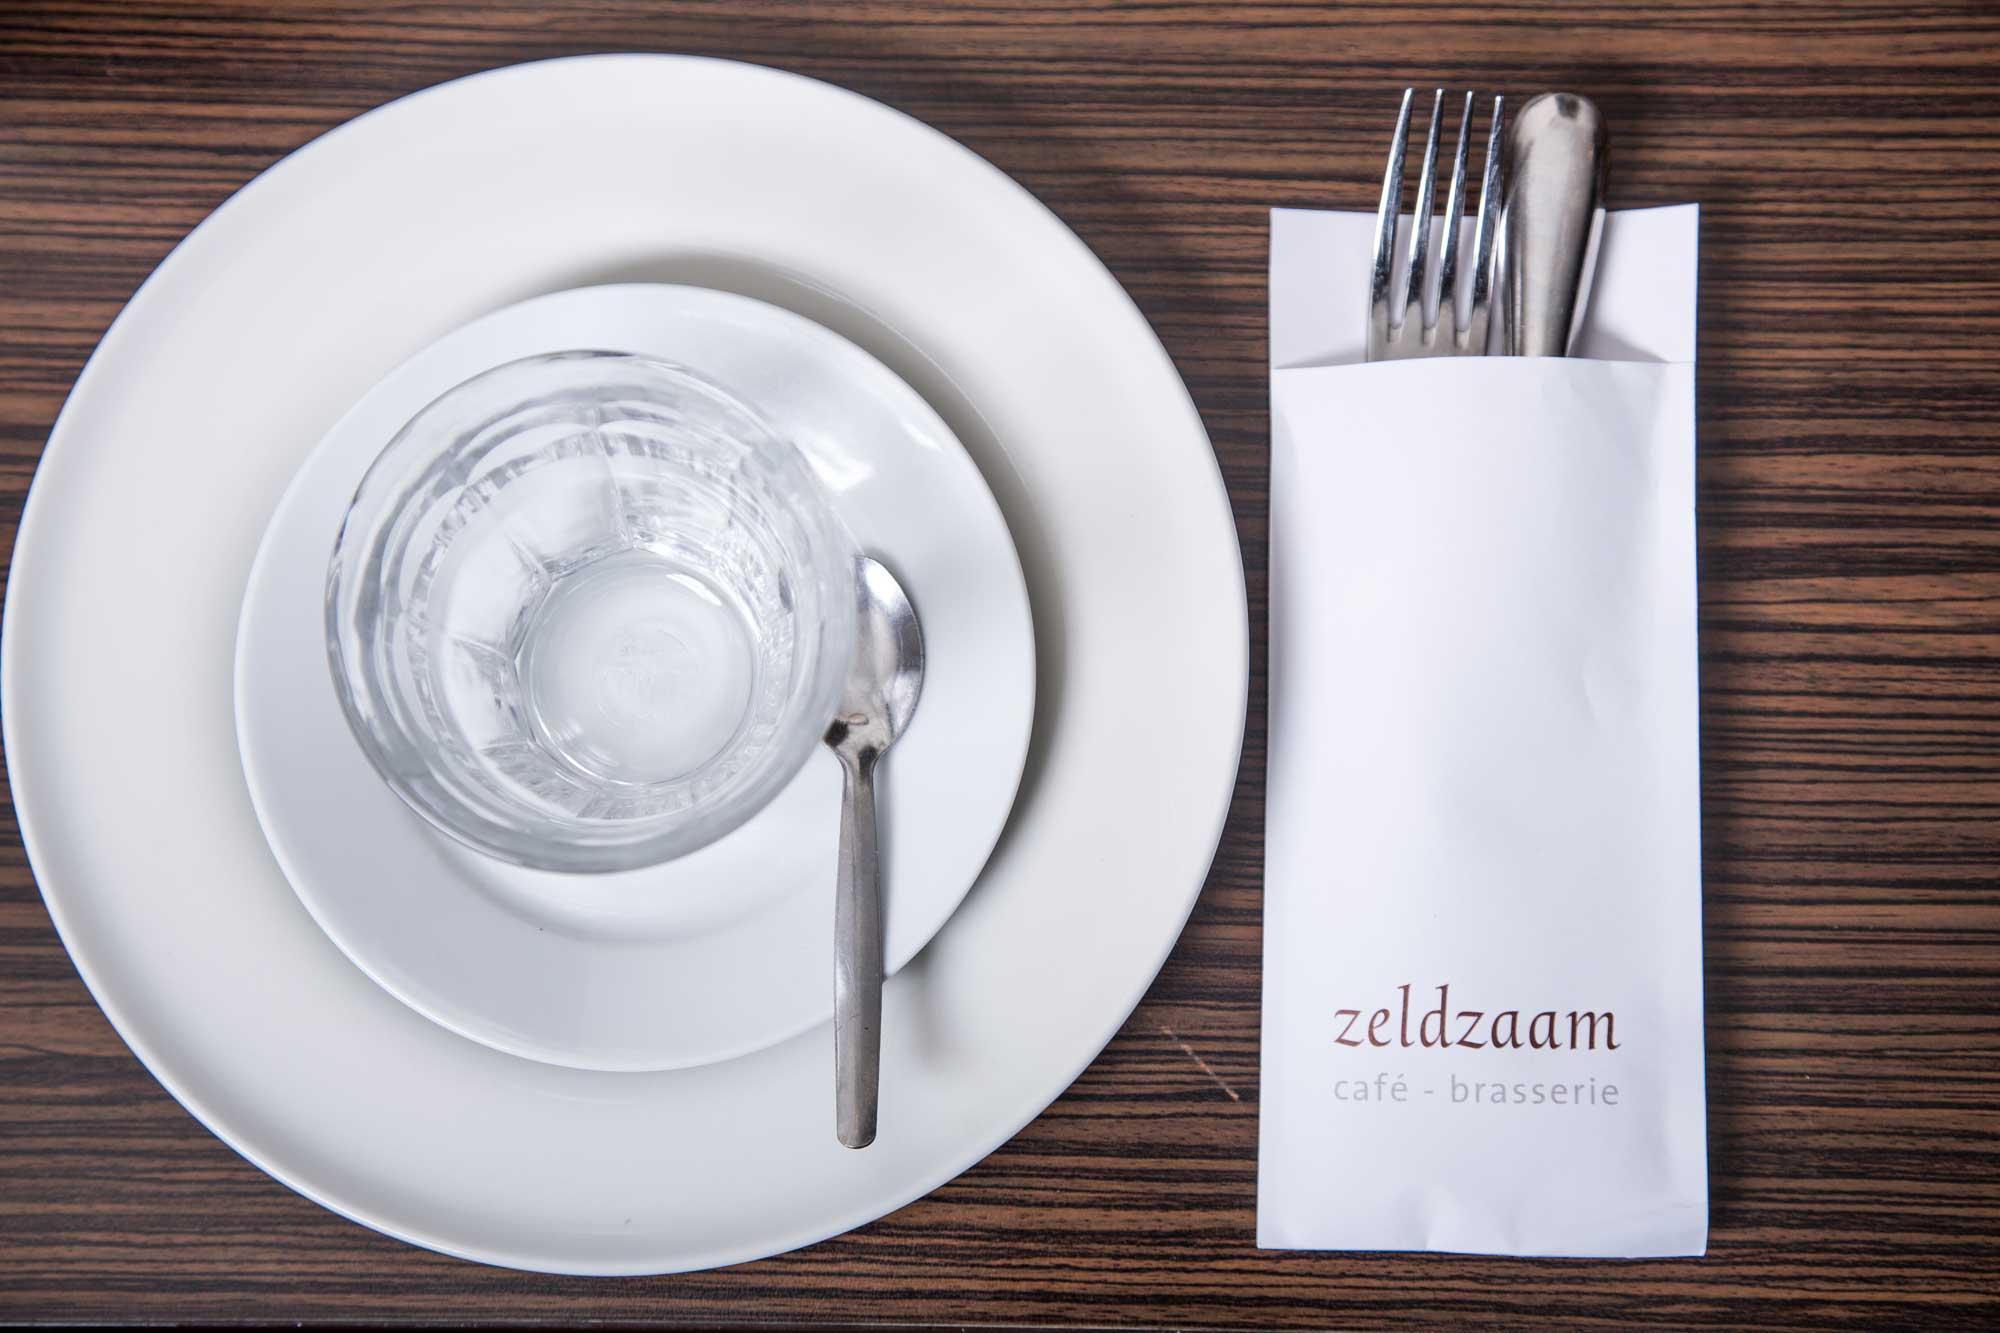 Reserveer een tafel in ons restaurant